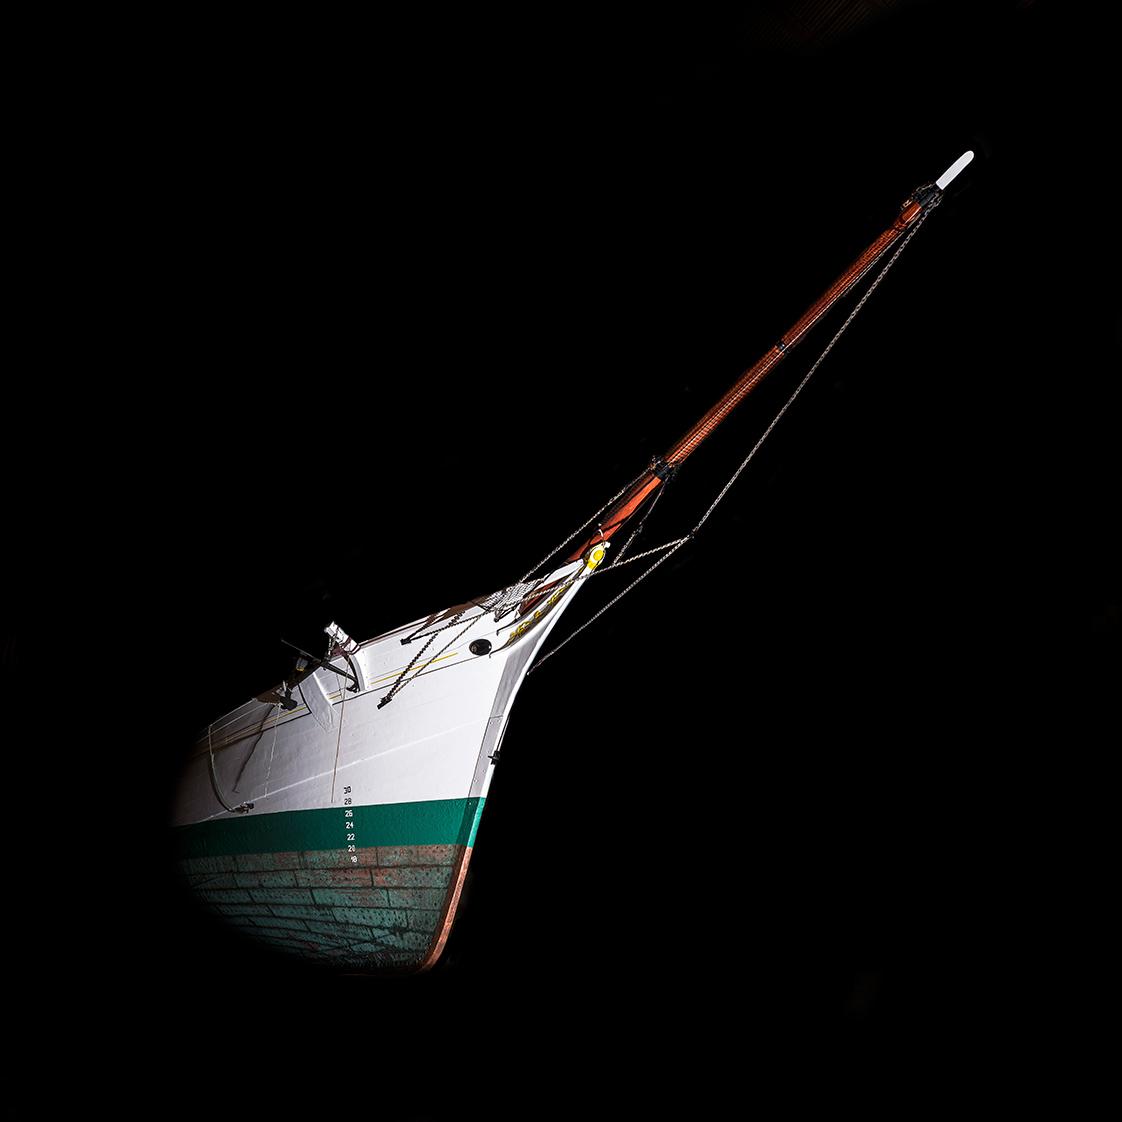 photographie-bateau-cale-brest-4